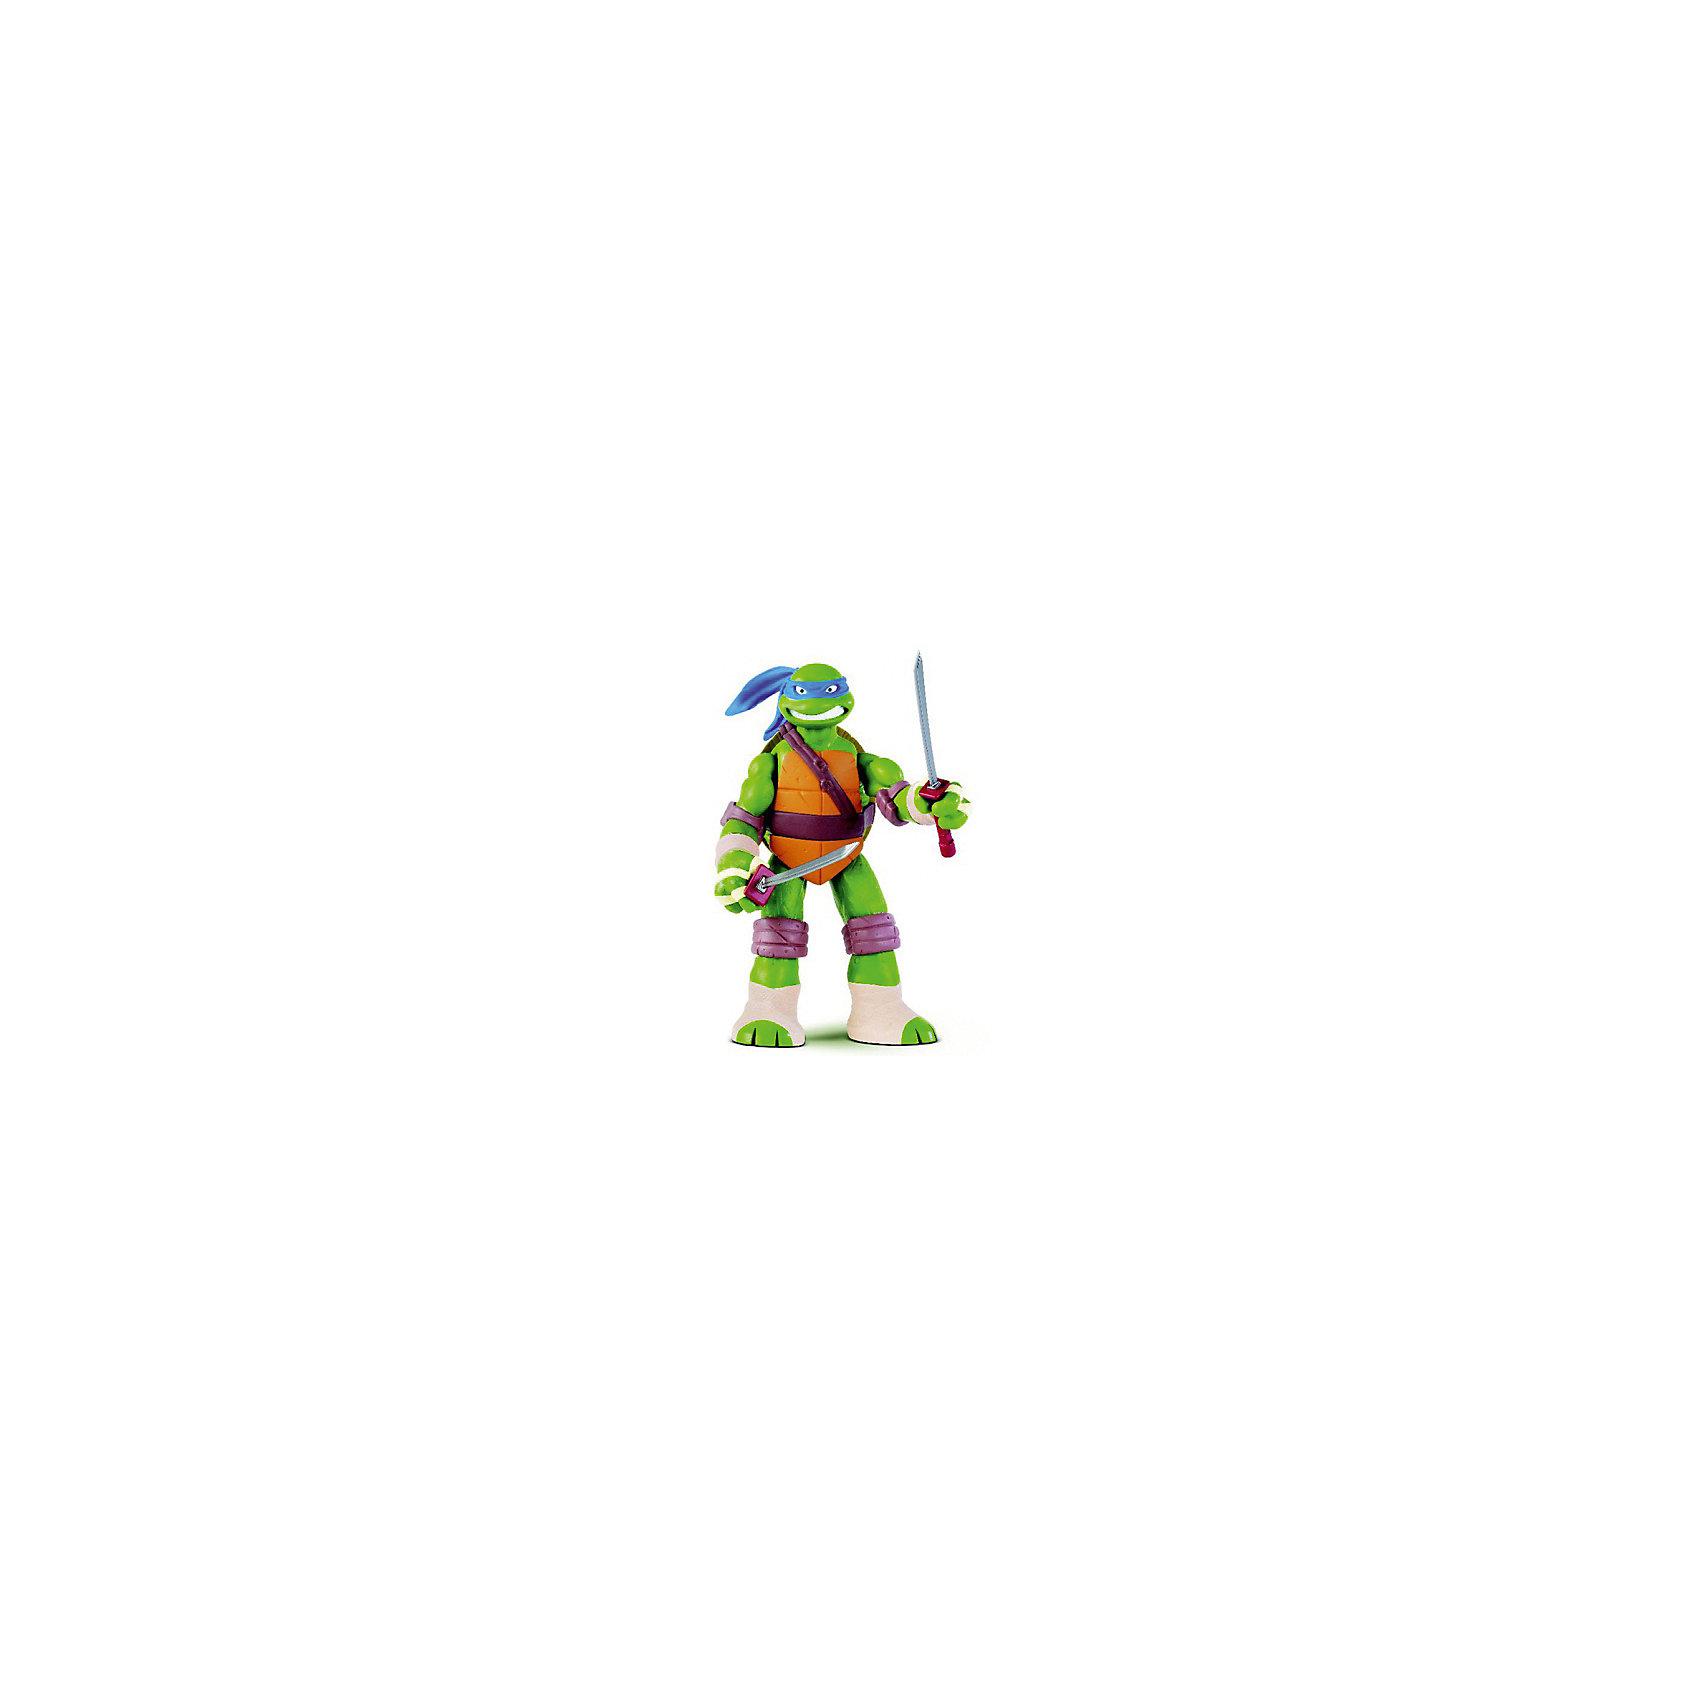 Фигурка Леонардо, 28см, Черепашки НиндзяКоллекционные и игровые фигурки<br>Фигурка Леонардо, 28 см, Черепашки Ниндзя.  Playmates представляет новых героев серии Movie Line ? черепашки Ниндзя. Полная серия черепашек Ниндзя состоит из четырех героев: Леонардо,  Донателло, Рафаэль и Микеланджело. Леонардо ? один из героев фильмов Teenage Mutant Ninja Turtles, обожаемых всеми мальчишками. Леонардо согласно сюжету фильма является неформальным лидером, уравновешенный, рассудительный, отчего иногда его считают занудой. Он одновременно умеет владеть двумя катанами, носит синюю повязку. Фигурка выполнена из качественного прочного пластика, устойчивого к повреждениям, имеет удобный размер (28 см). У черепашки Леонардо подвижные руки и ноги и суставы, у него сзади имеется открывающийся панцирь, который предназначен для хранения метательных звезд-сюрикенов.<br>Данная игрушка способствует формирует коммуникативных навыков, развивает воображение и память. Играя с этими героями, ваш ребенок приобретает навыки социального общения и отрабатывает эффективные методы взаимодействия с другими детьми.<br><br>Дополнительная информация:<br><br>- Вид игр: сюжетно-ролевые игры <br>- Предназначение: для дома, для улицы<br>- Материал: качественный пластик<br>- Размер (ДхШхВ): 28*8,5*33 мм<br>- Вес: 385 г<br>- Комплектация: дополнительное оружие<br>- Особенности ухода: разрешается мыть<br><br>Подробнее:<br><br>• Для детей в возрасте: от 4 лет и до 11 лет<br>• Страна производитель: Китай<br>• Торговый бренд: Playmates <br><br>Фигурку Леонардо, 28 см, Черепашки Ниндзя можно купить в нашем интернет-магазине.<br><br>Ширина мм: 280<br>Глубина мм: 85<br>Высота мм: 330<br>Вес г: 385<br>Возраст от месяцев: 48<br>Возраст до месяцев: 132<br>Пол: Мужской<br>Возраст: Детский<br>SKU: 4797138